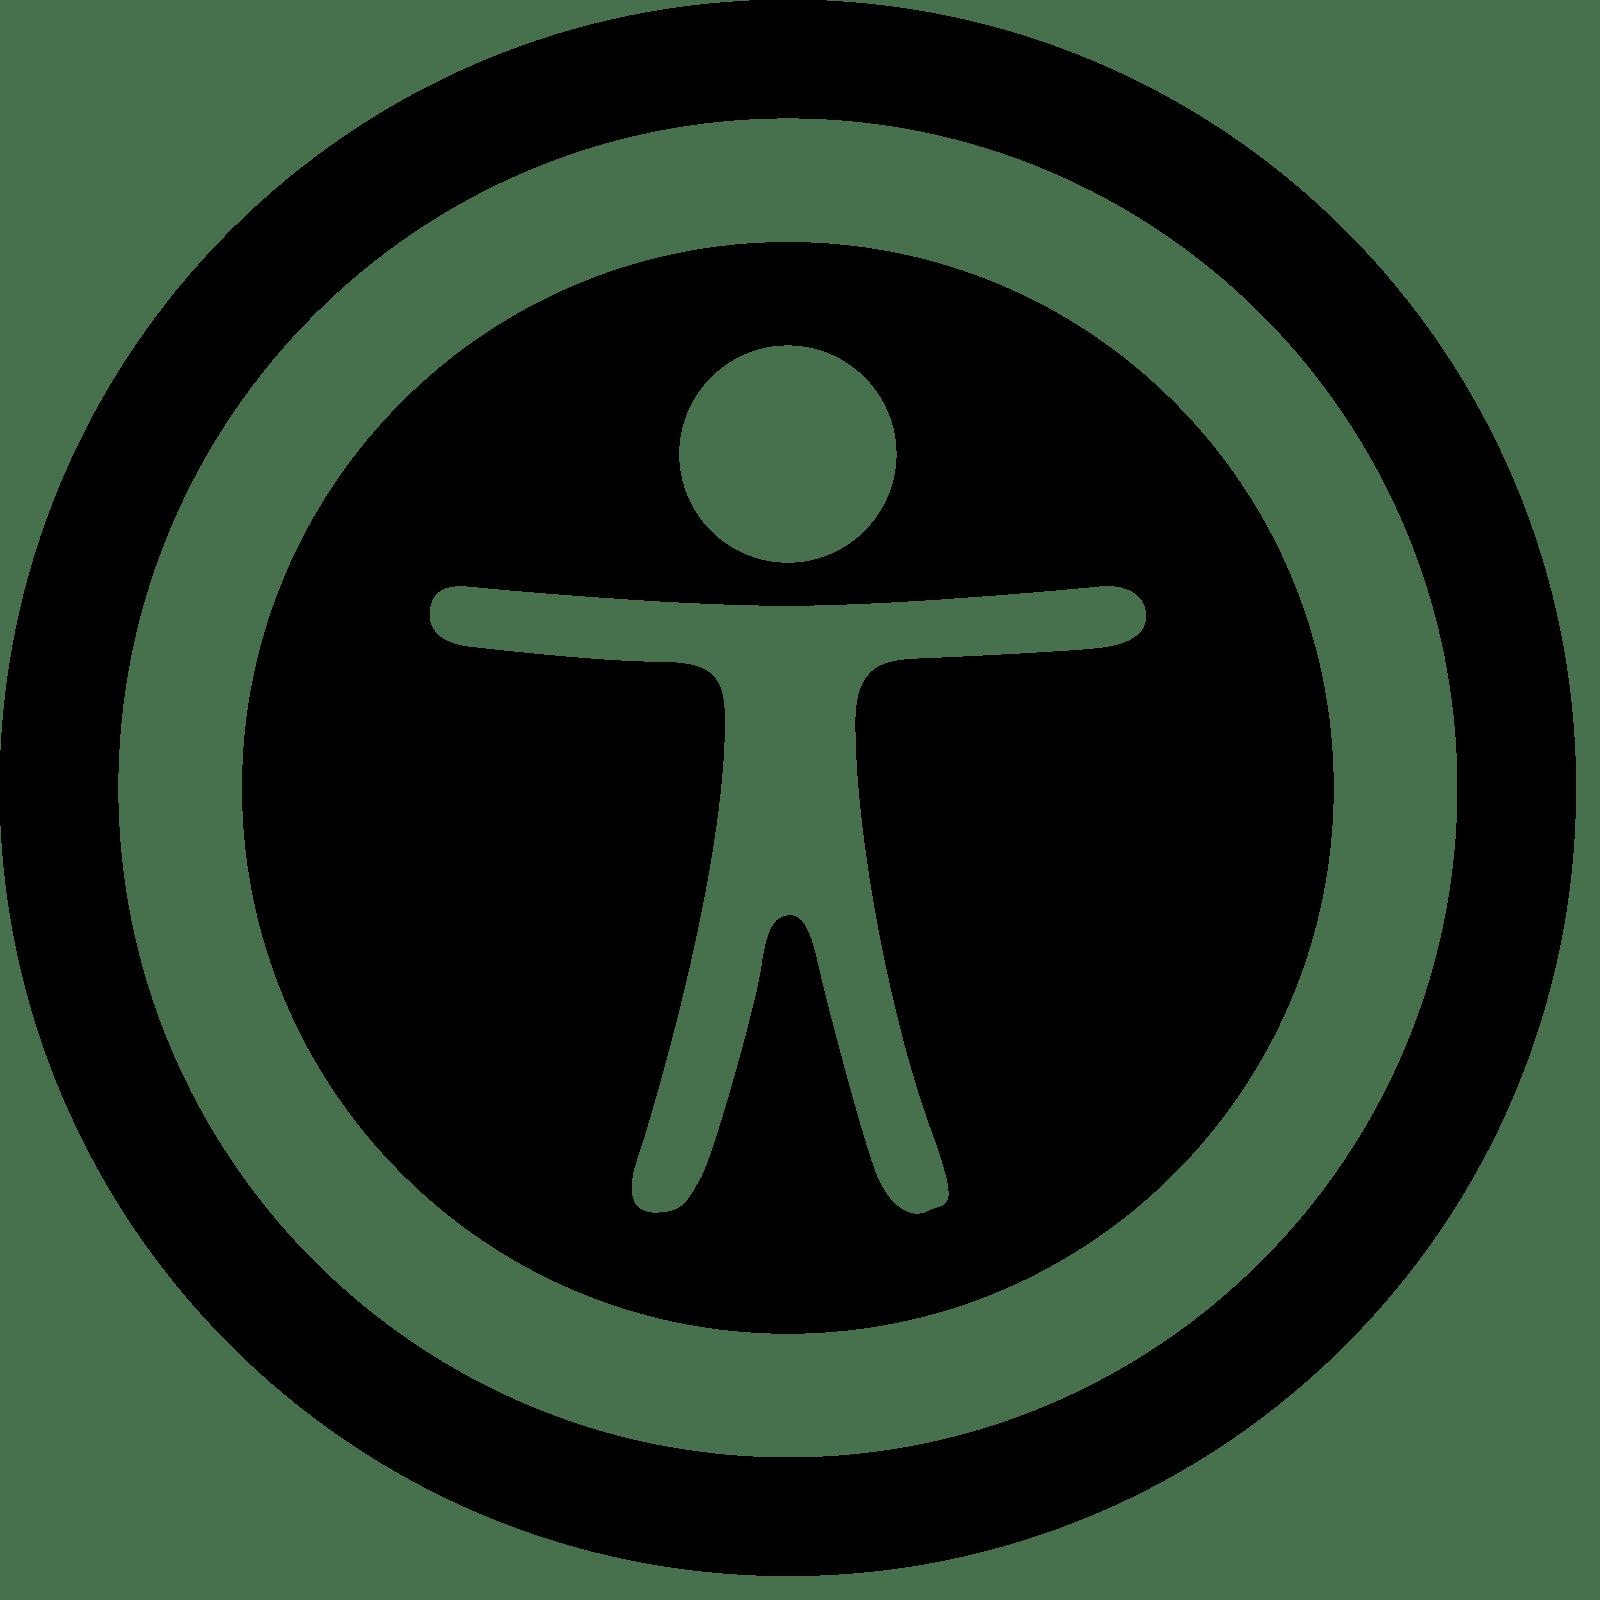 Icône accessibilité